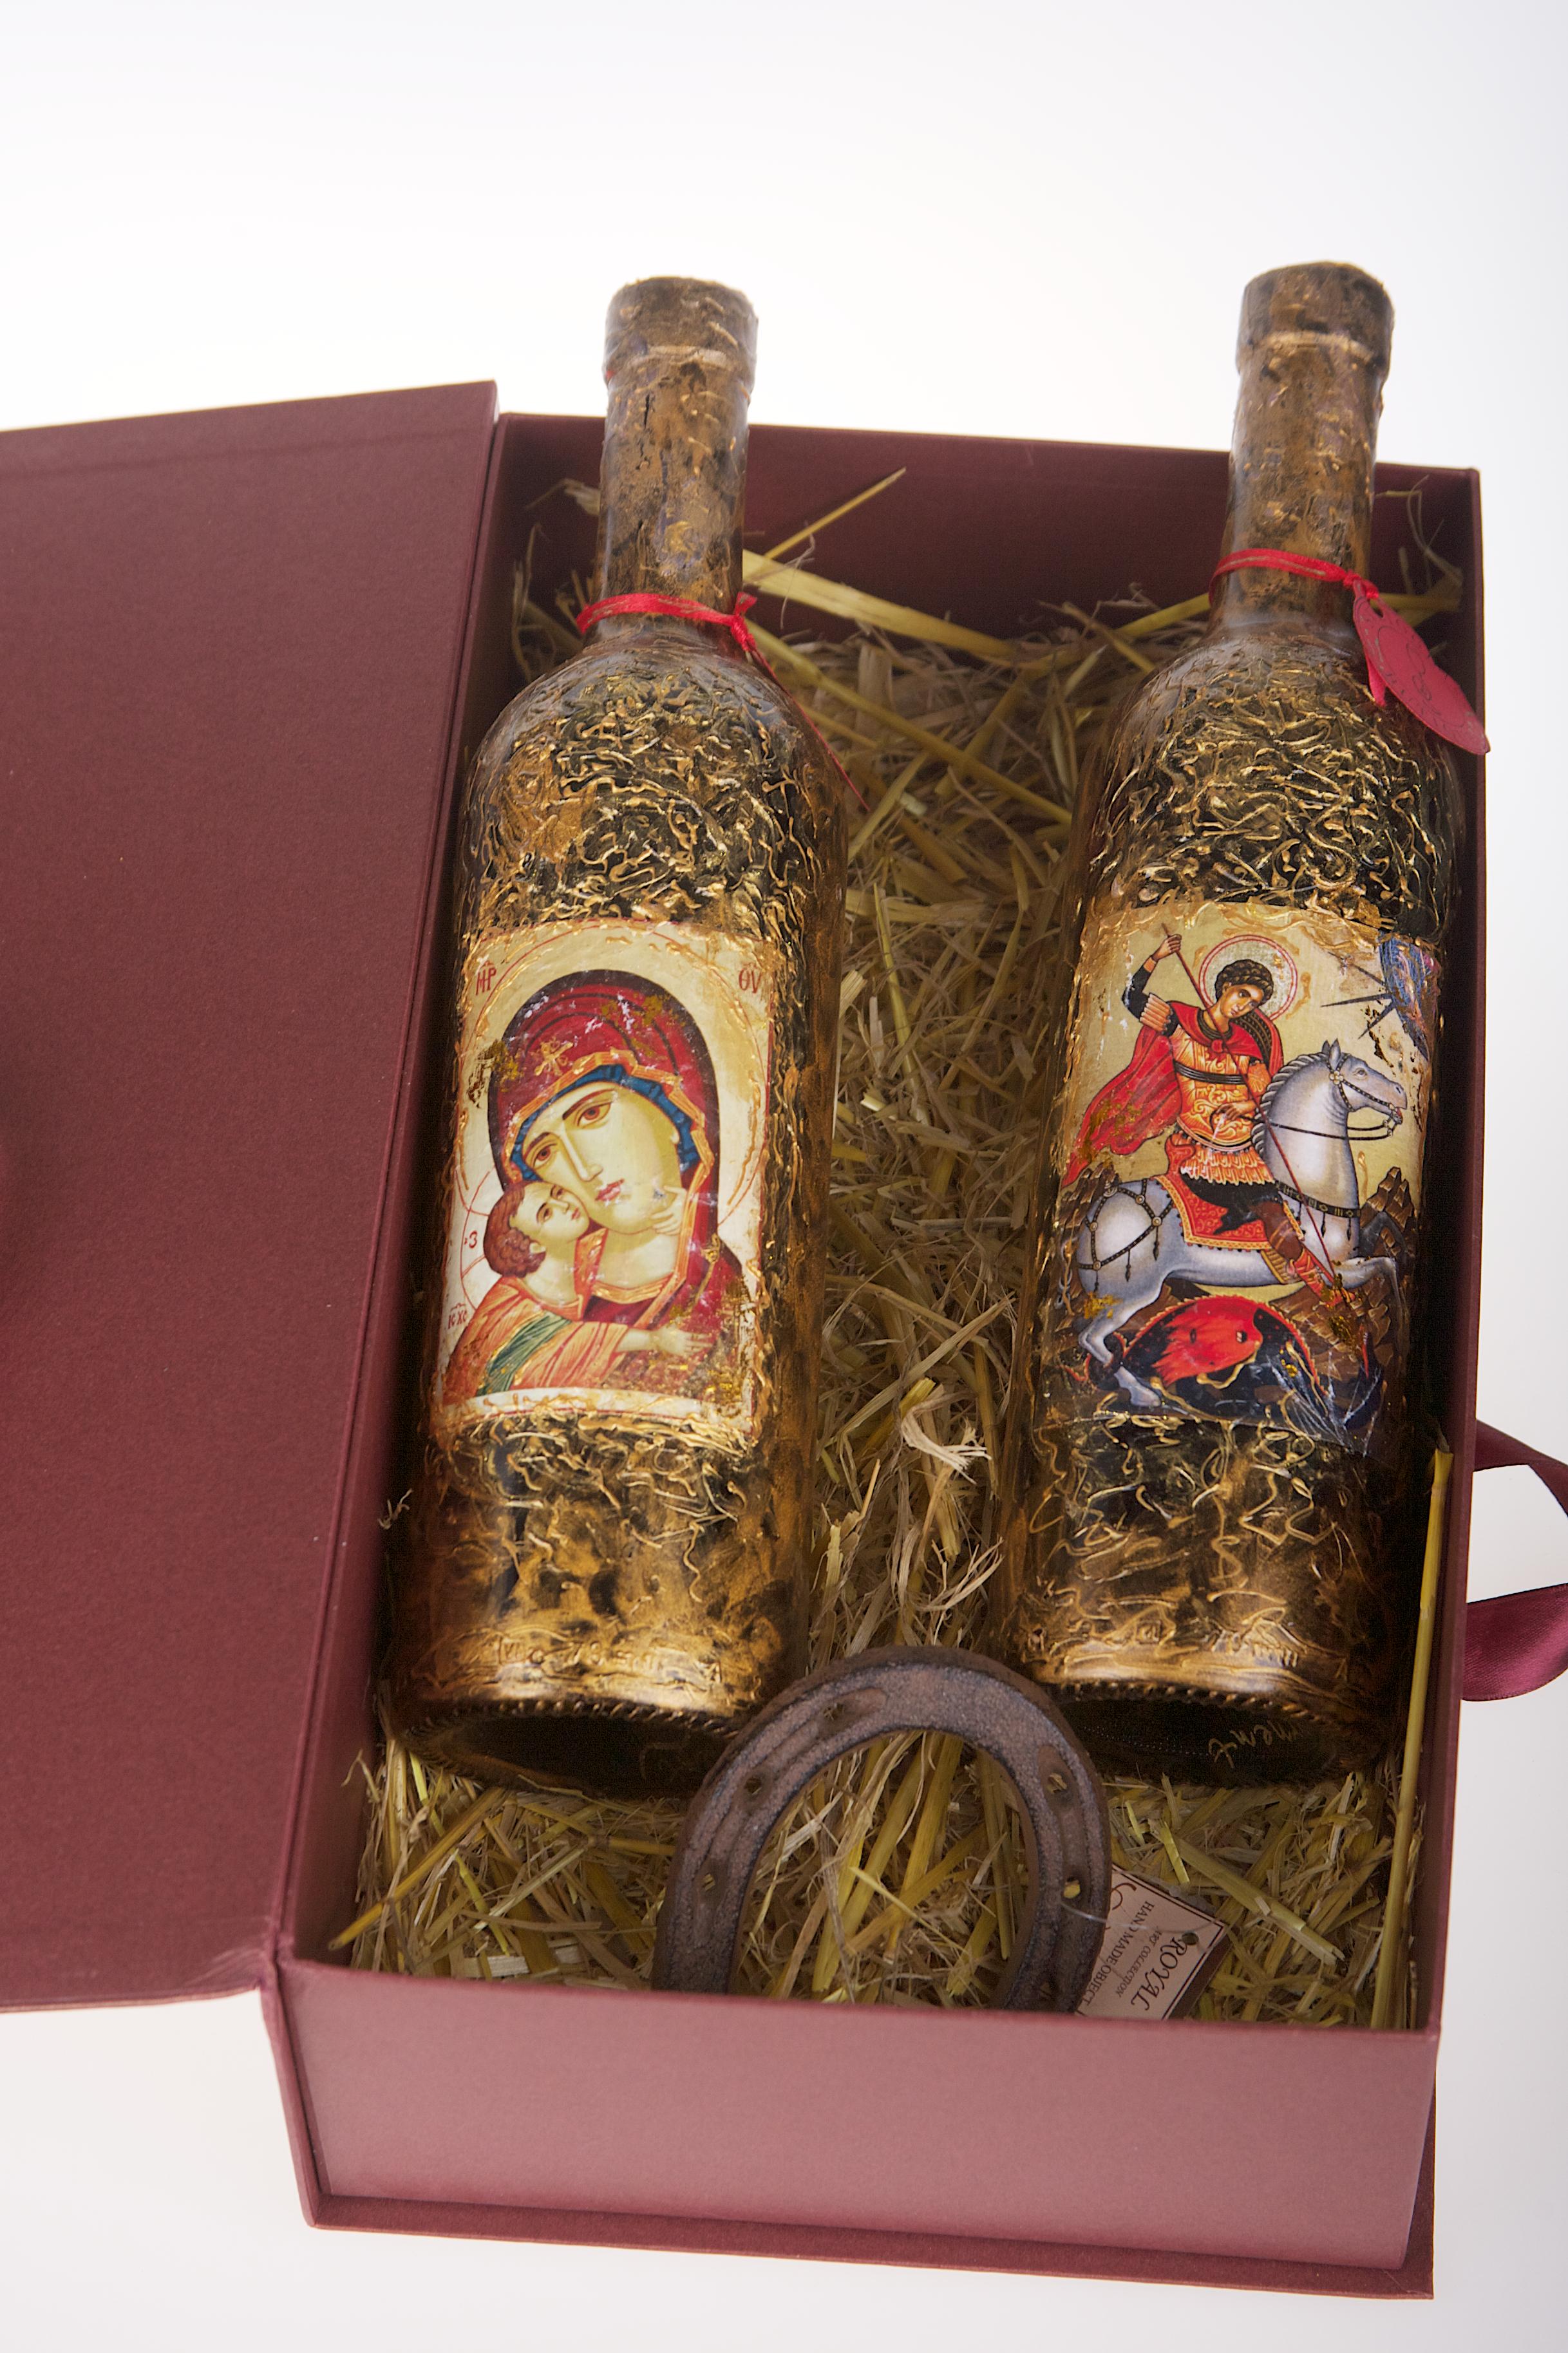 Что привезти из Болгарии: подарки, сувениры, цены и отзывы 14